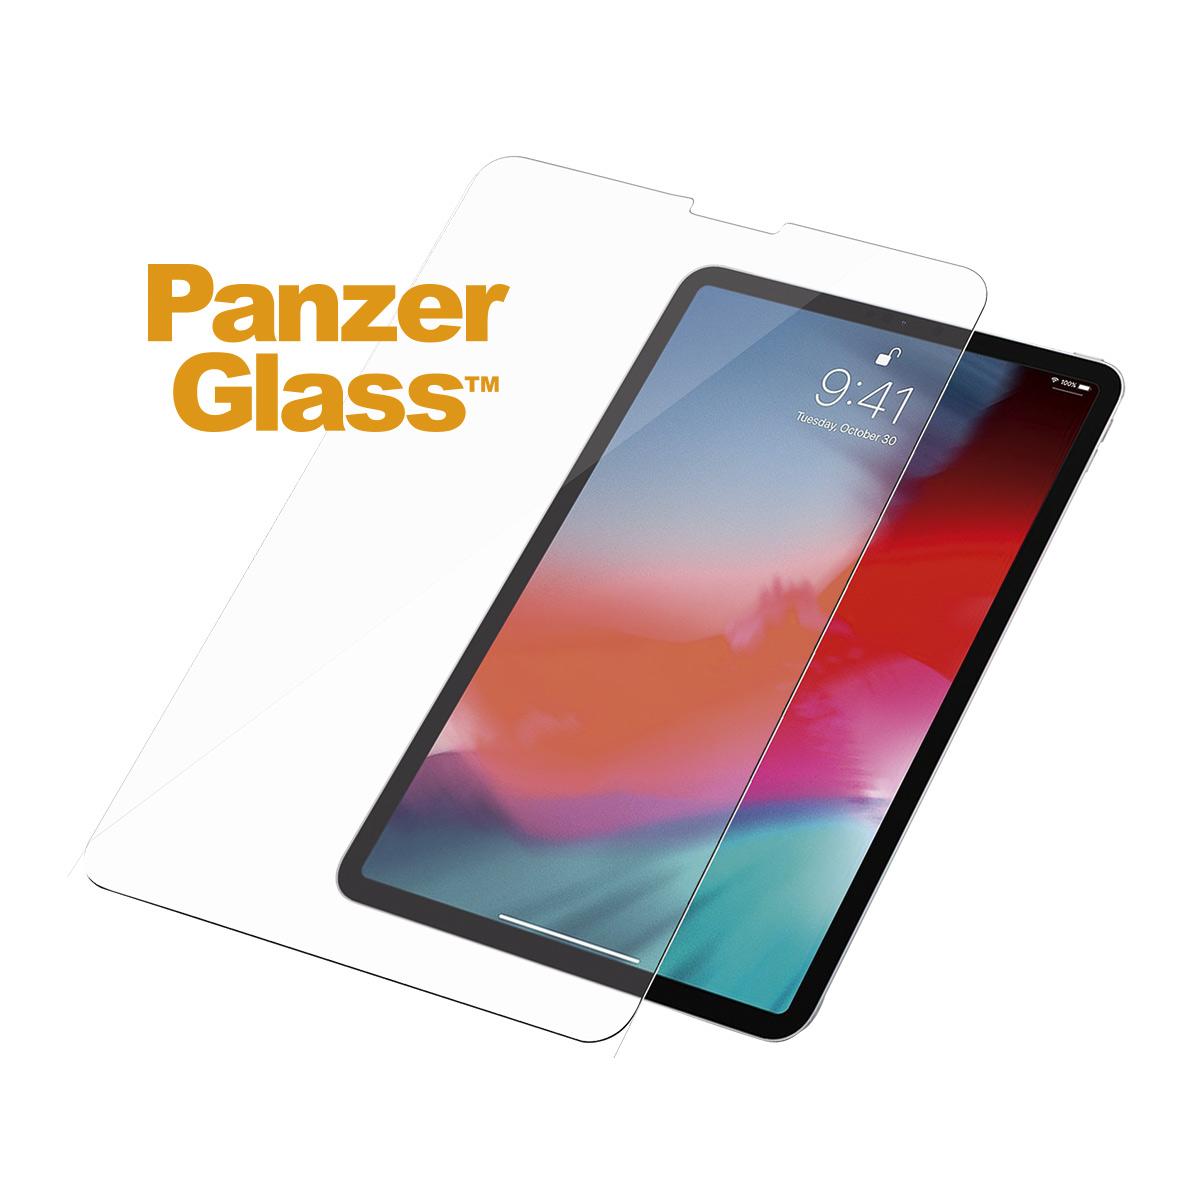 PanzerGlass začal prodávat ochranná skla pro nejnovější iPad Pro